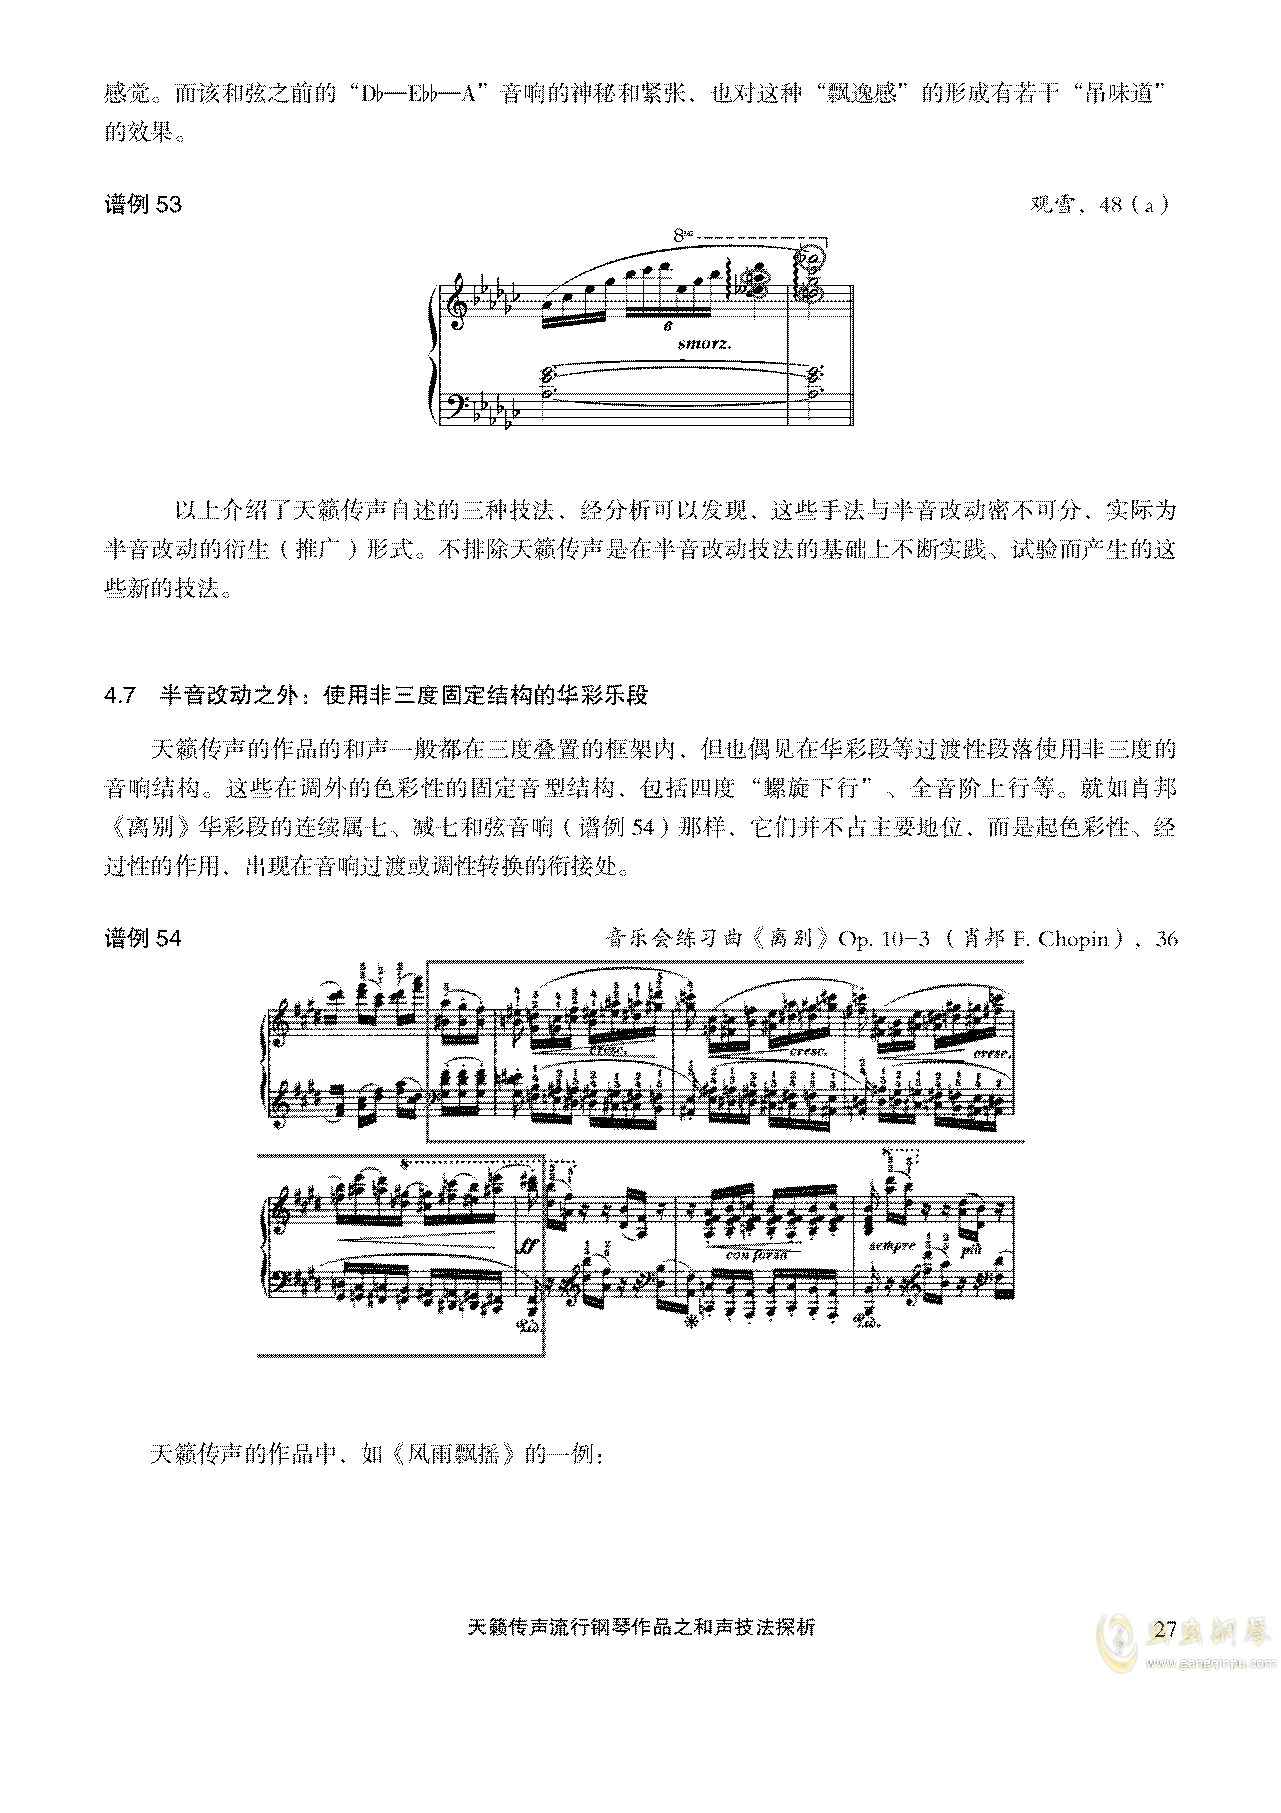 天籁传声和声技法探析澳门星际官网 第27页